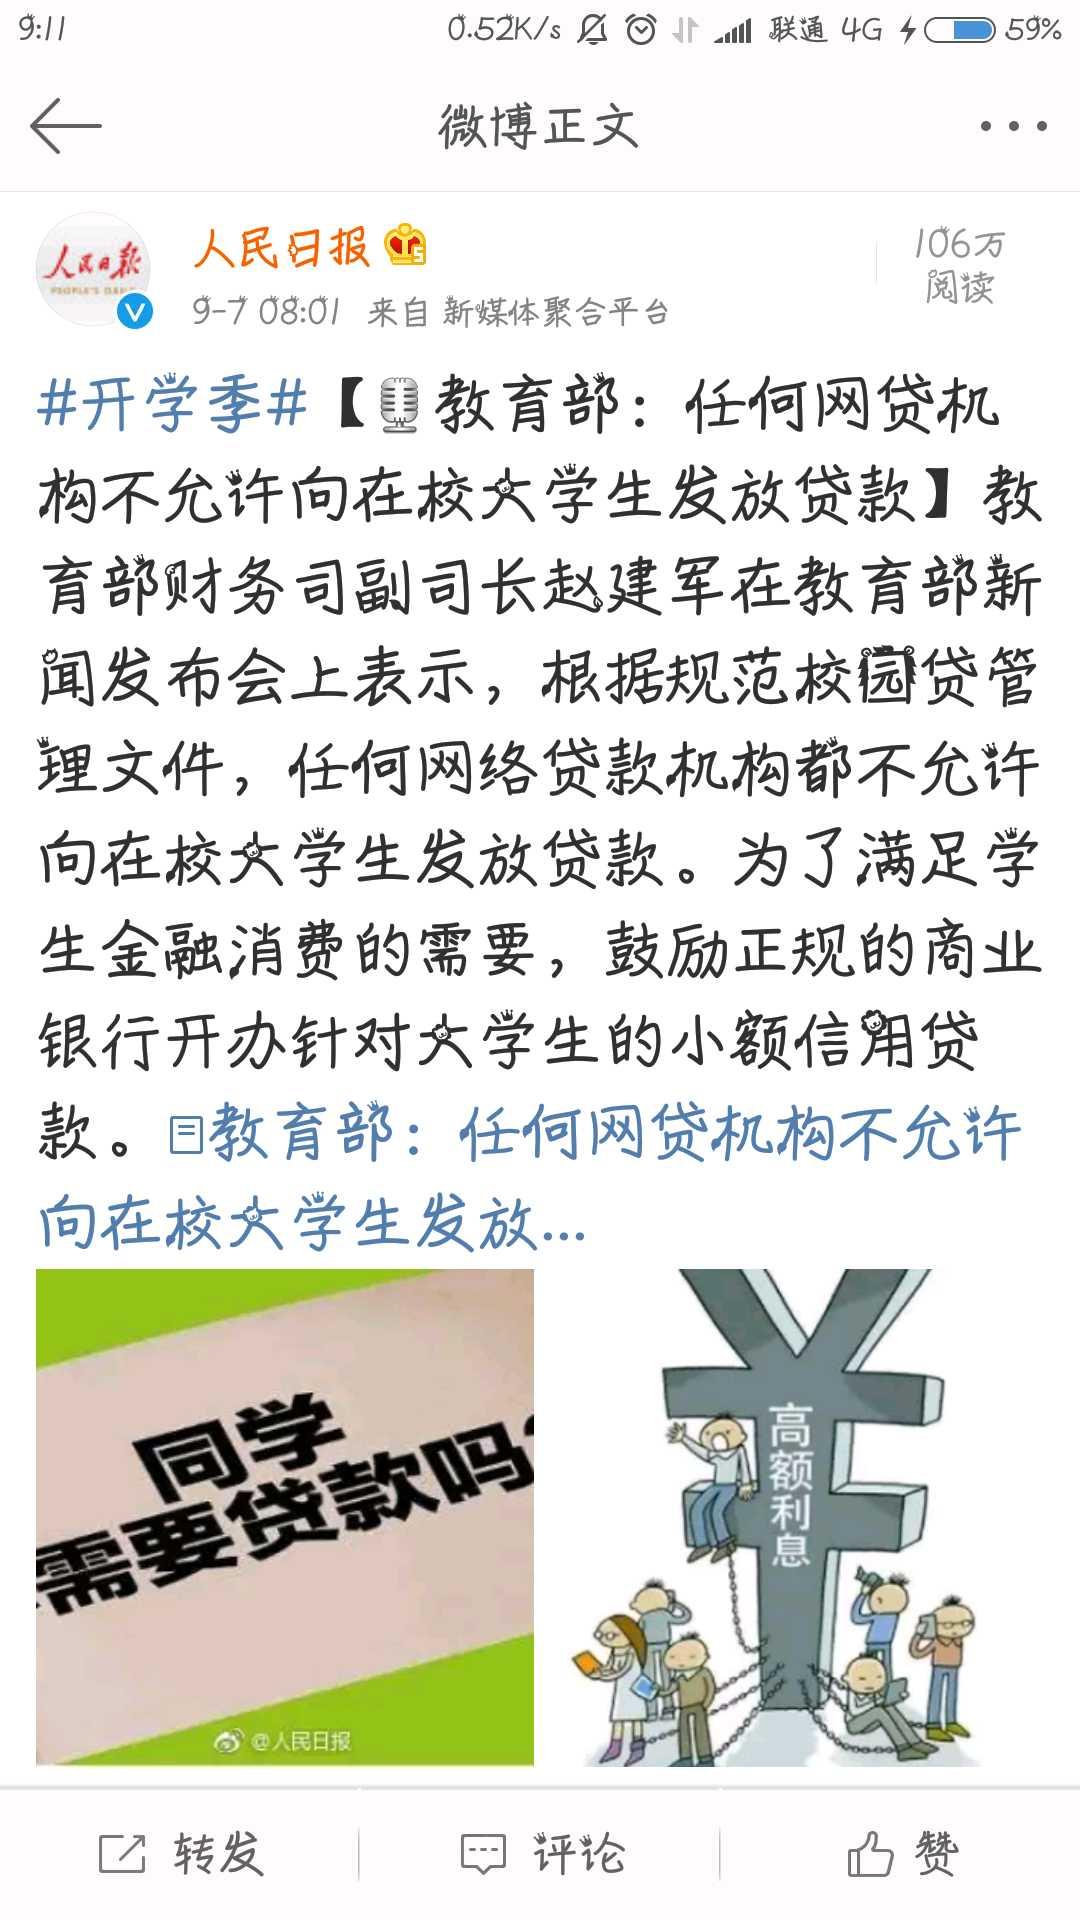 Screenshot_2017-09-07-09-11-42-694_com.sina.weibo.png